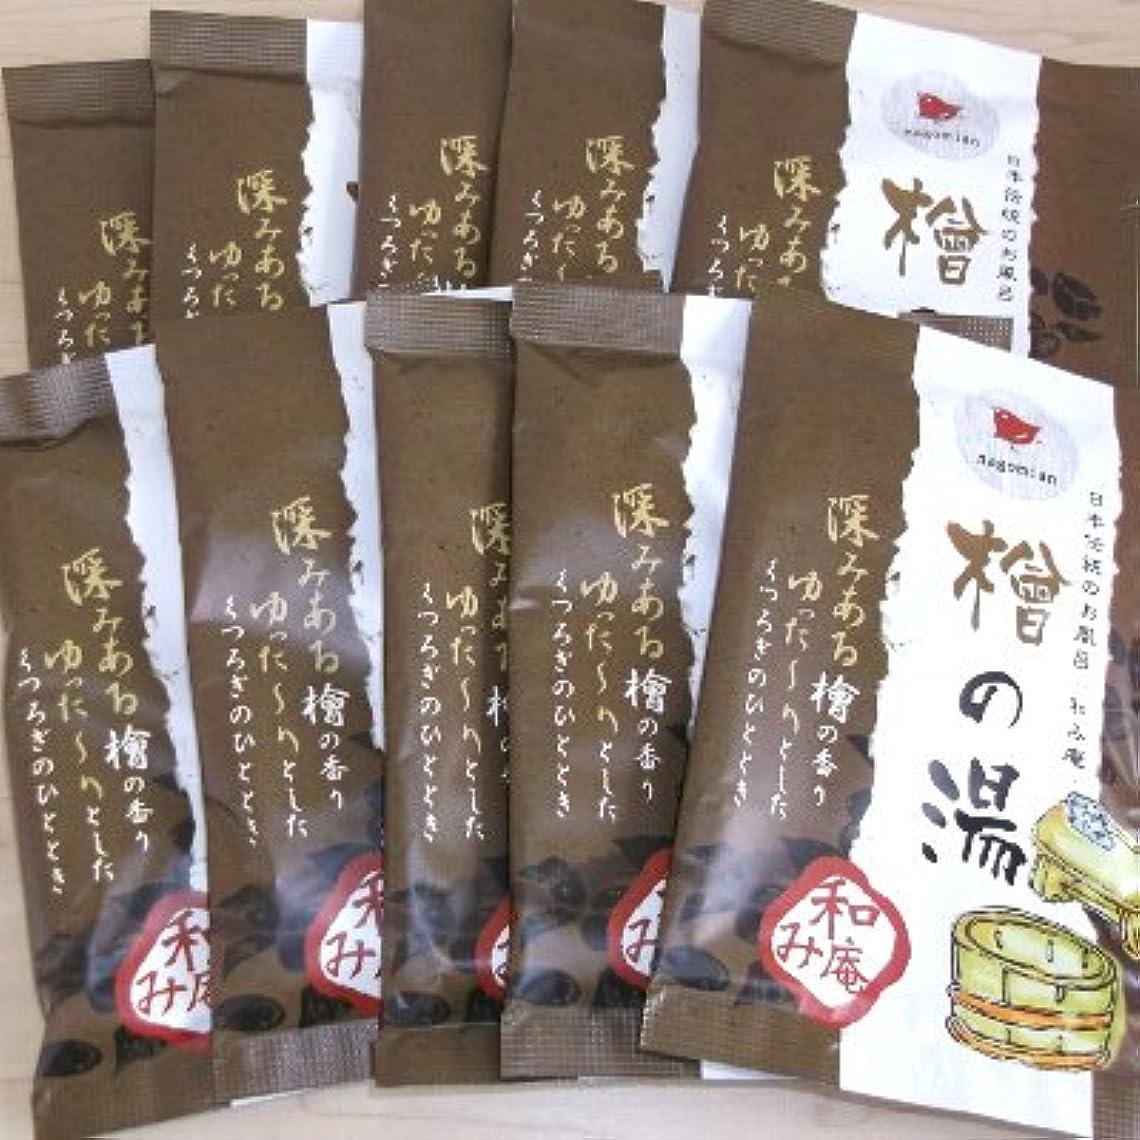 収穫イル罪和み庵 檜の湯 10包セット